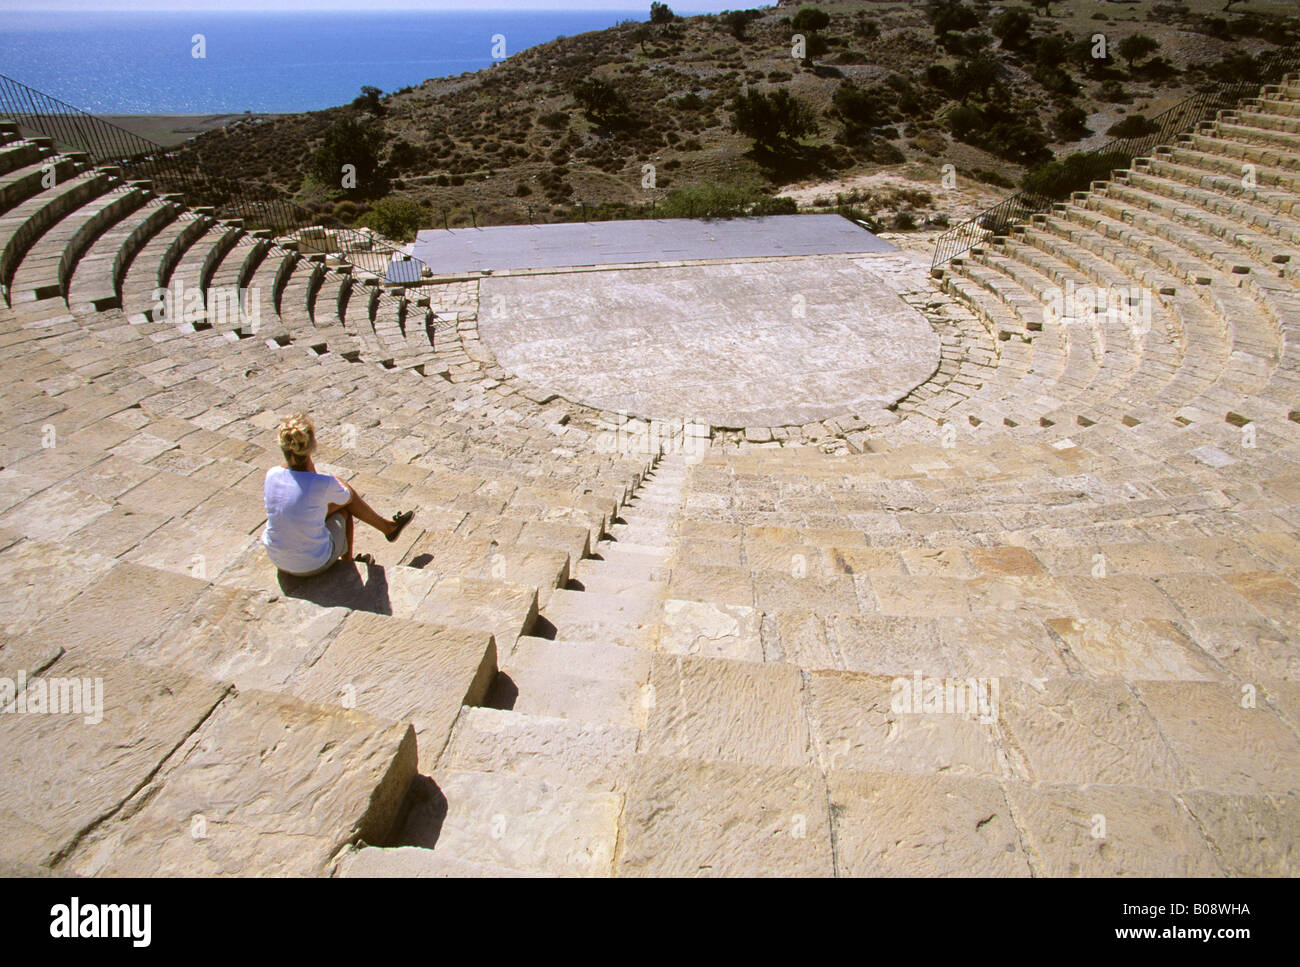 Greco-Roman amphitheatre in Kourion on the Akrotiri Peninsula, Cyprus - Stock Image